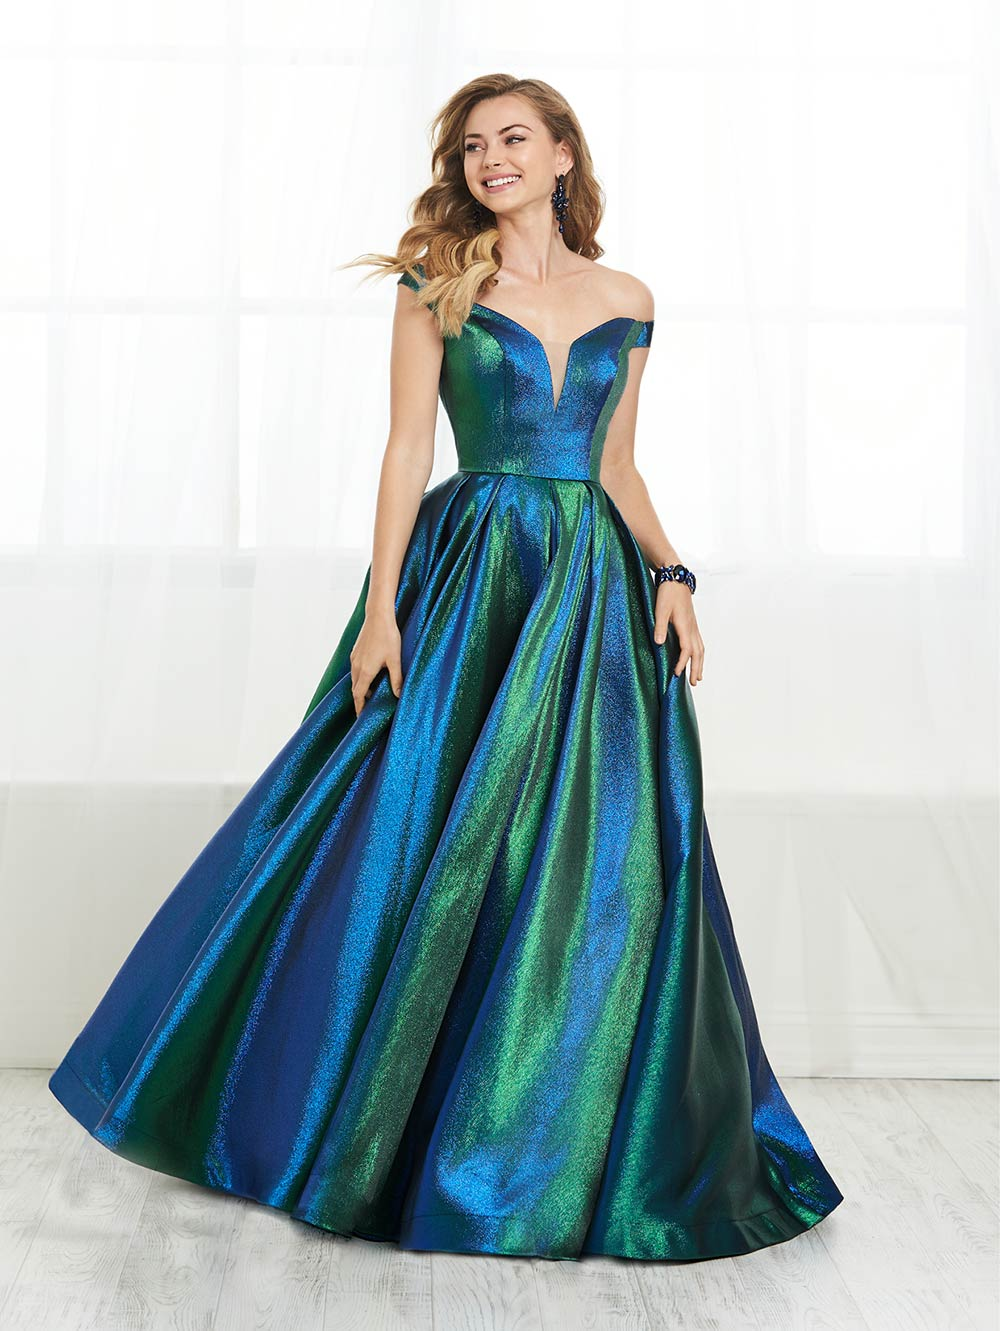 prom-dresses-jacquelin-bridals-canada-27641